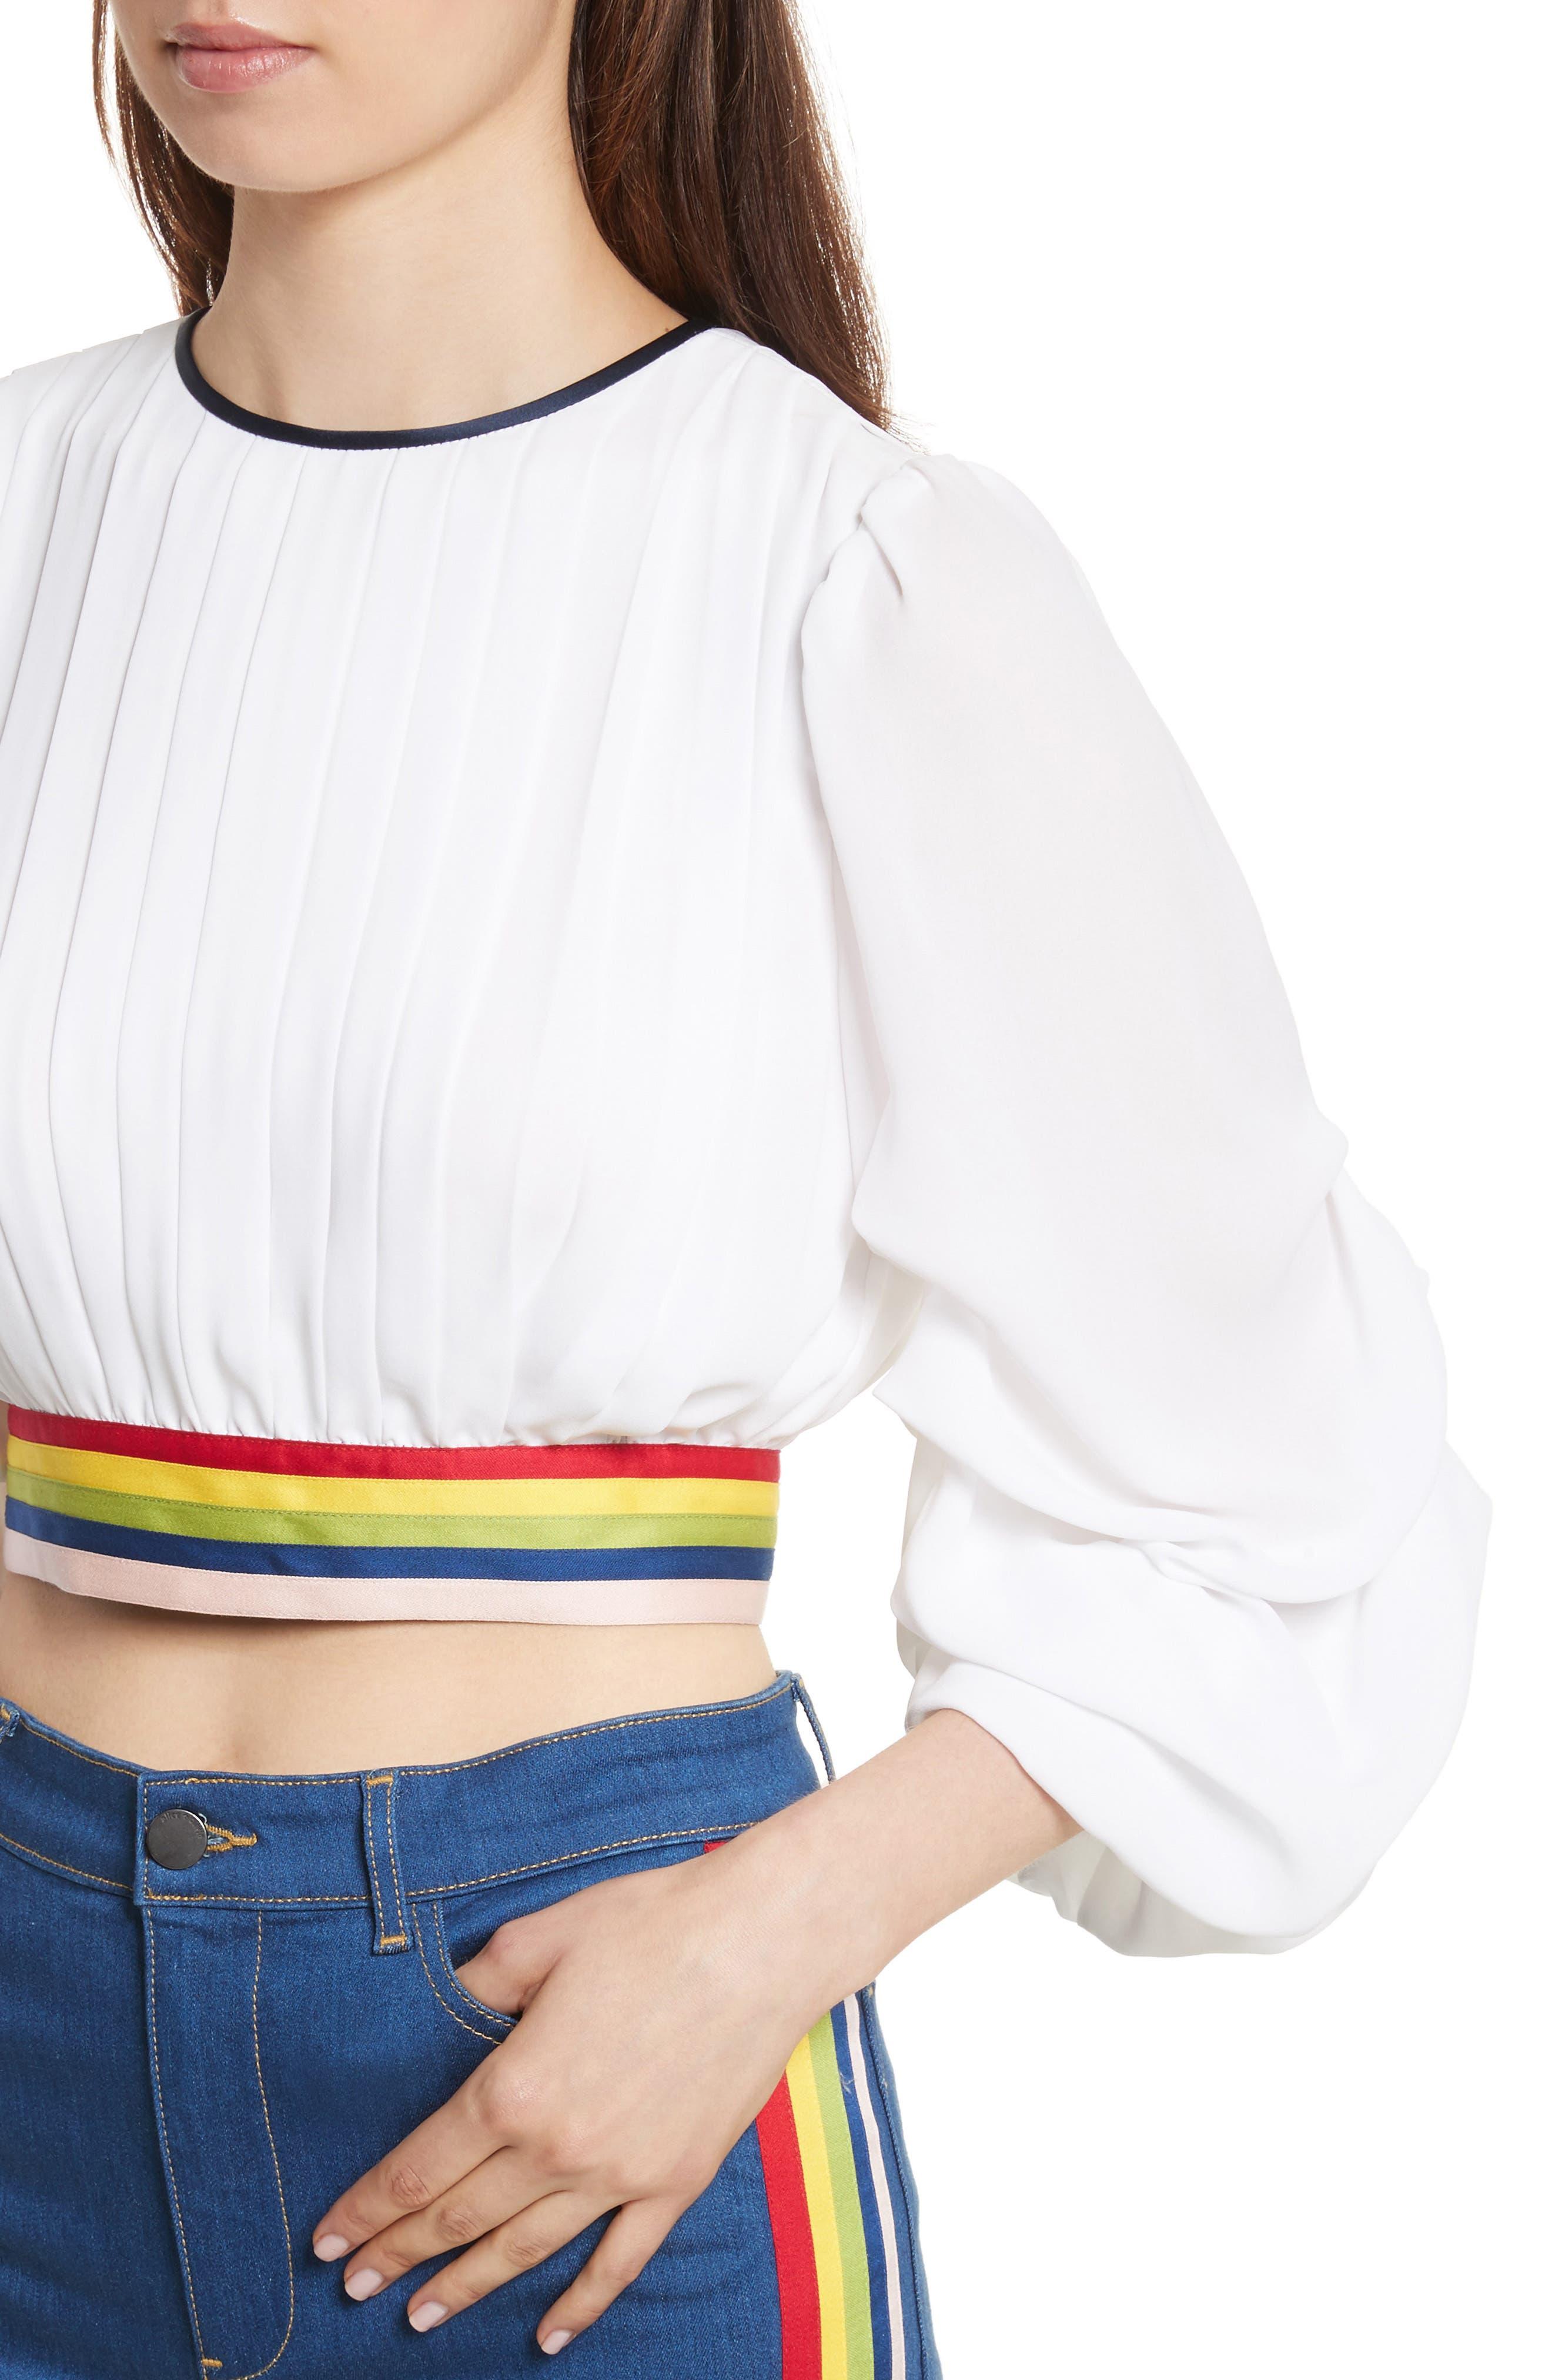 Dakota Tack Sleeve Top,                             Alternate thumbnail 4, color,                             White/ Multi